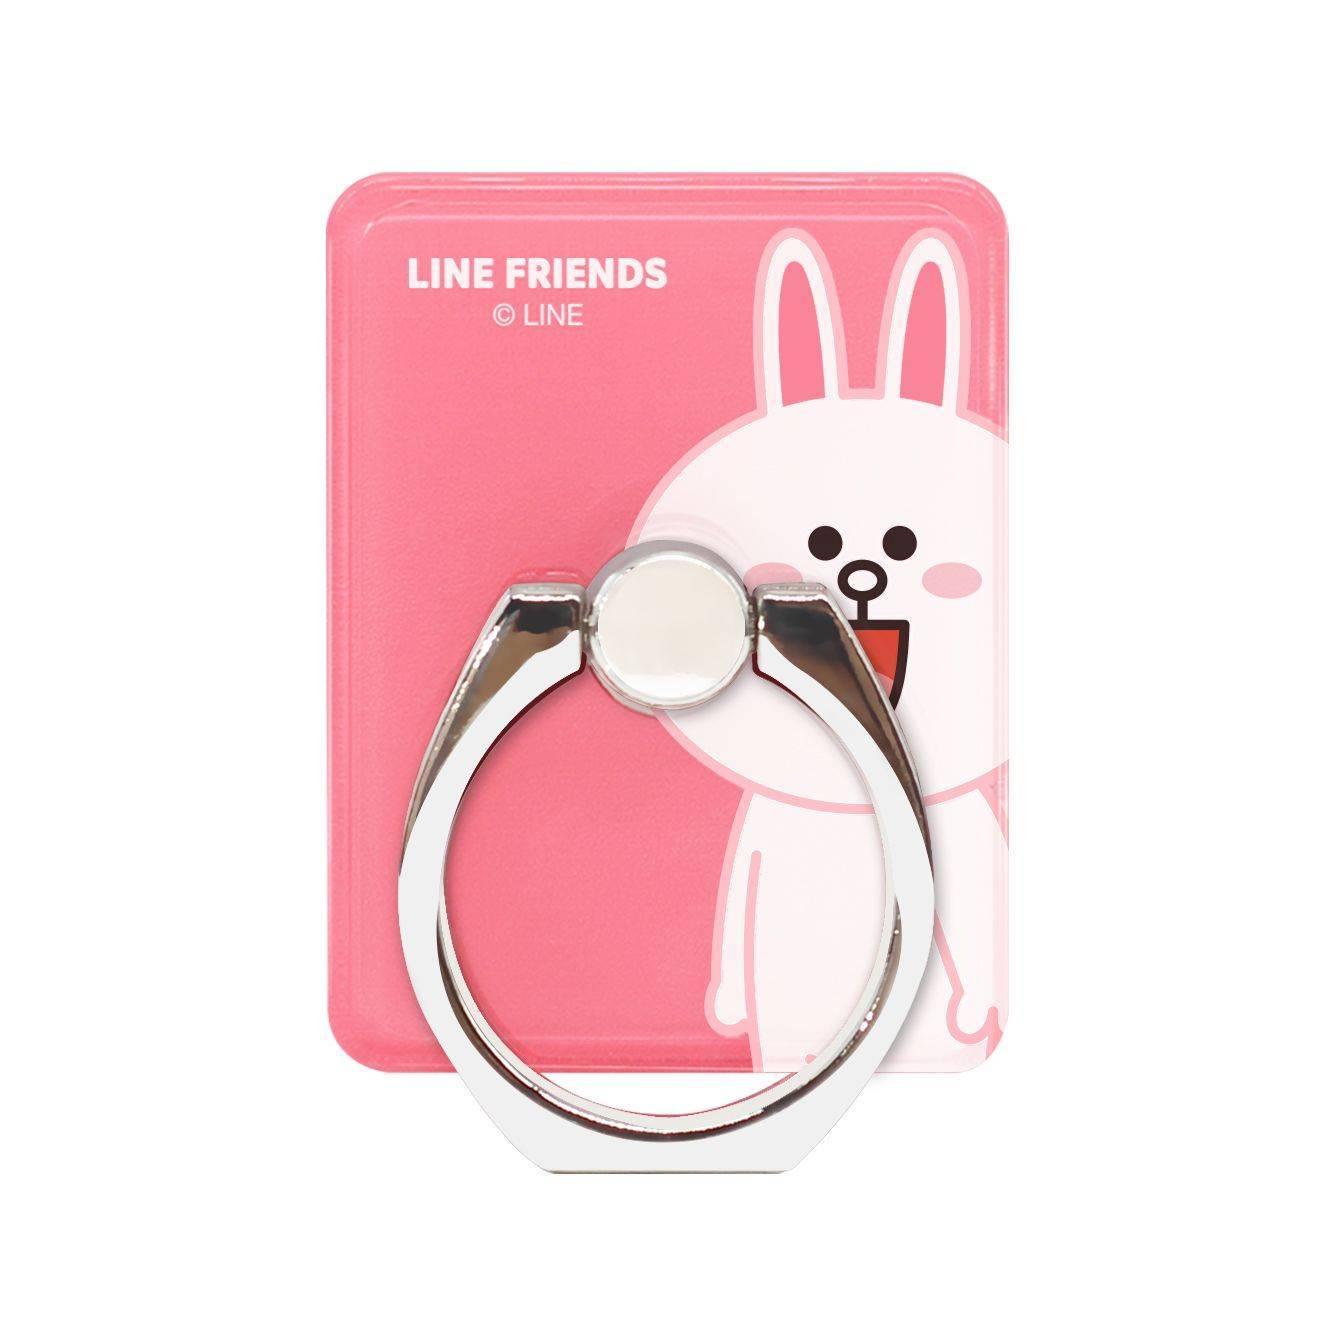 GARMMA Line Friends 指環支架 –粉紅兔兔